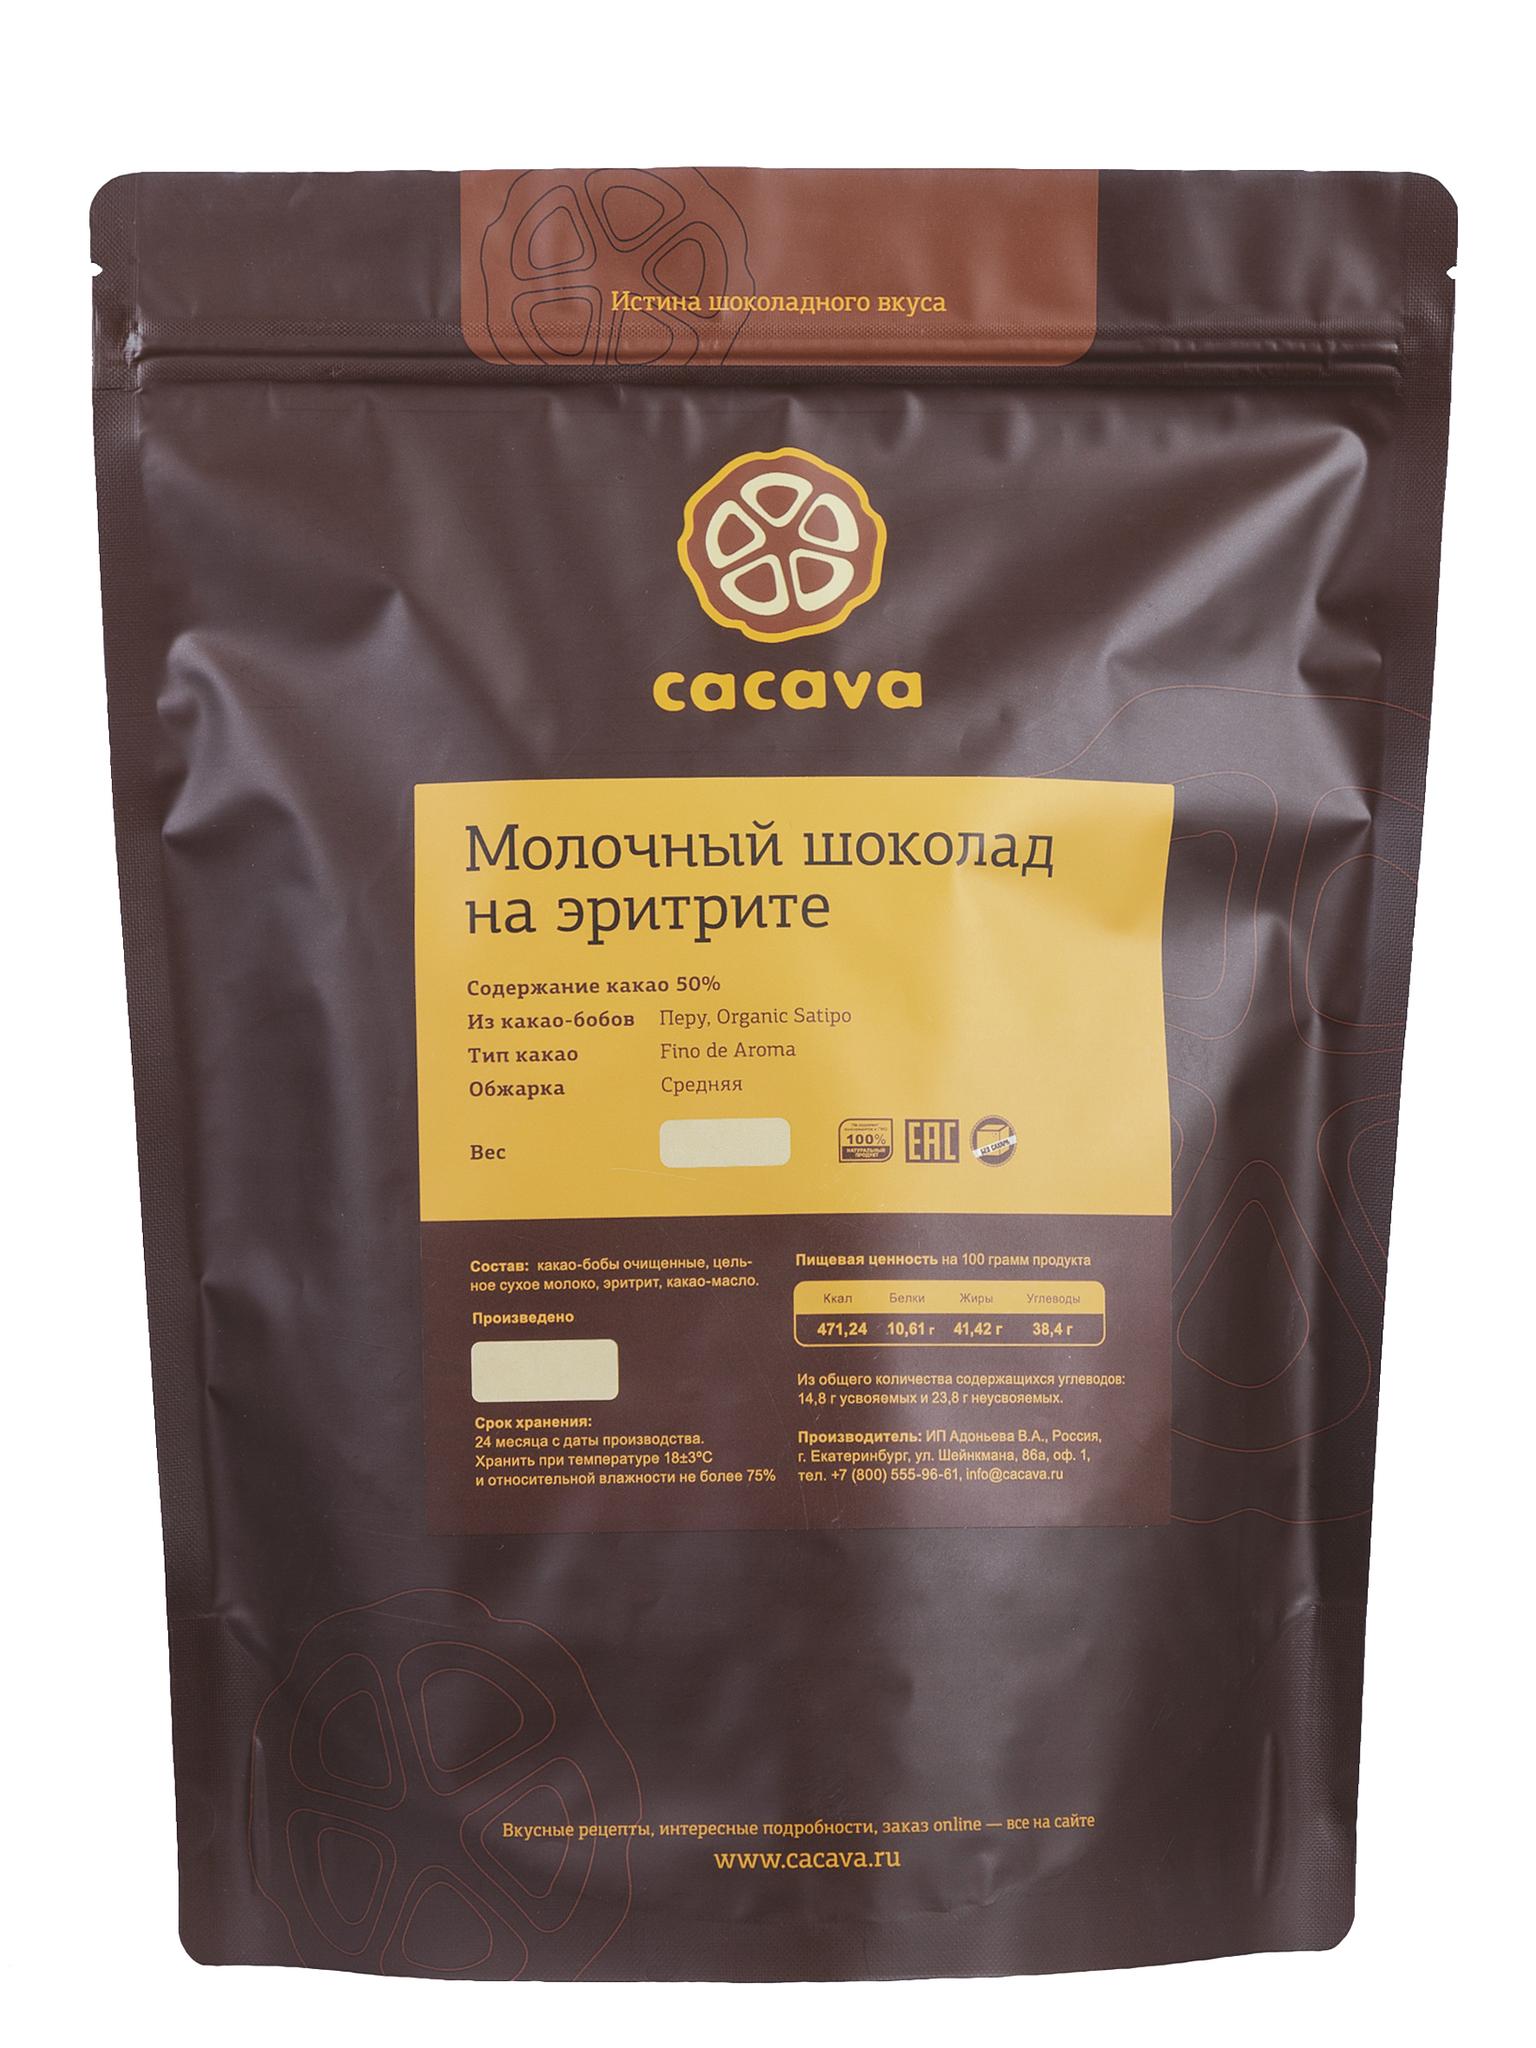 Молочный шоколад 50 % какао, на эритрите, упаковка 1 кг